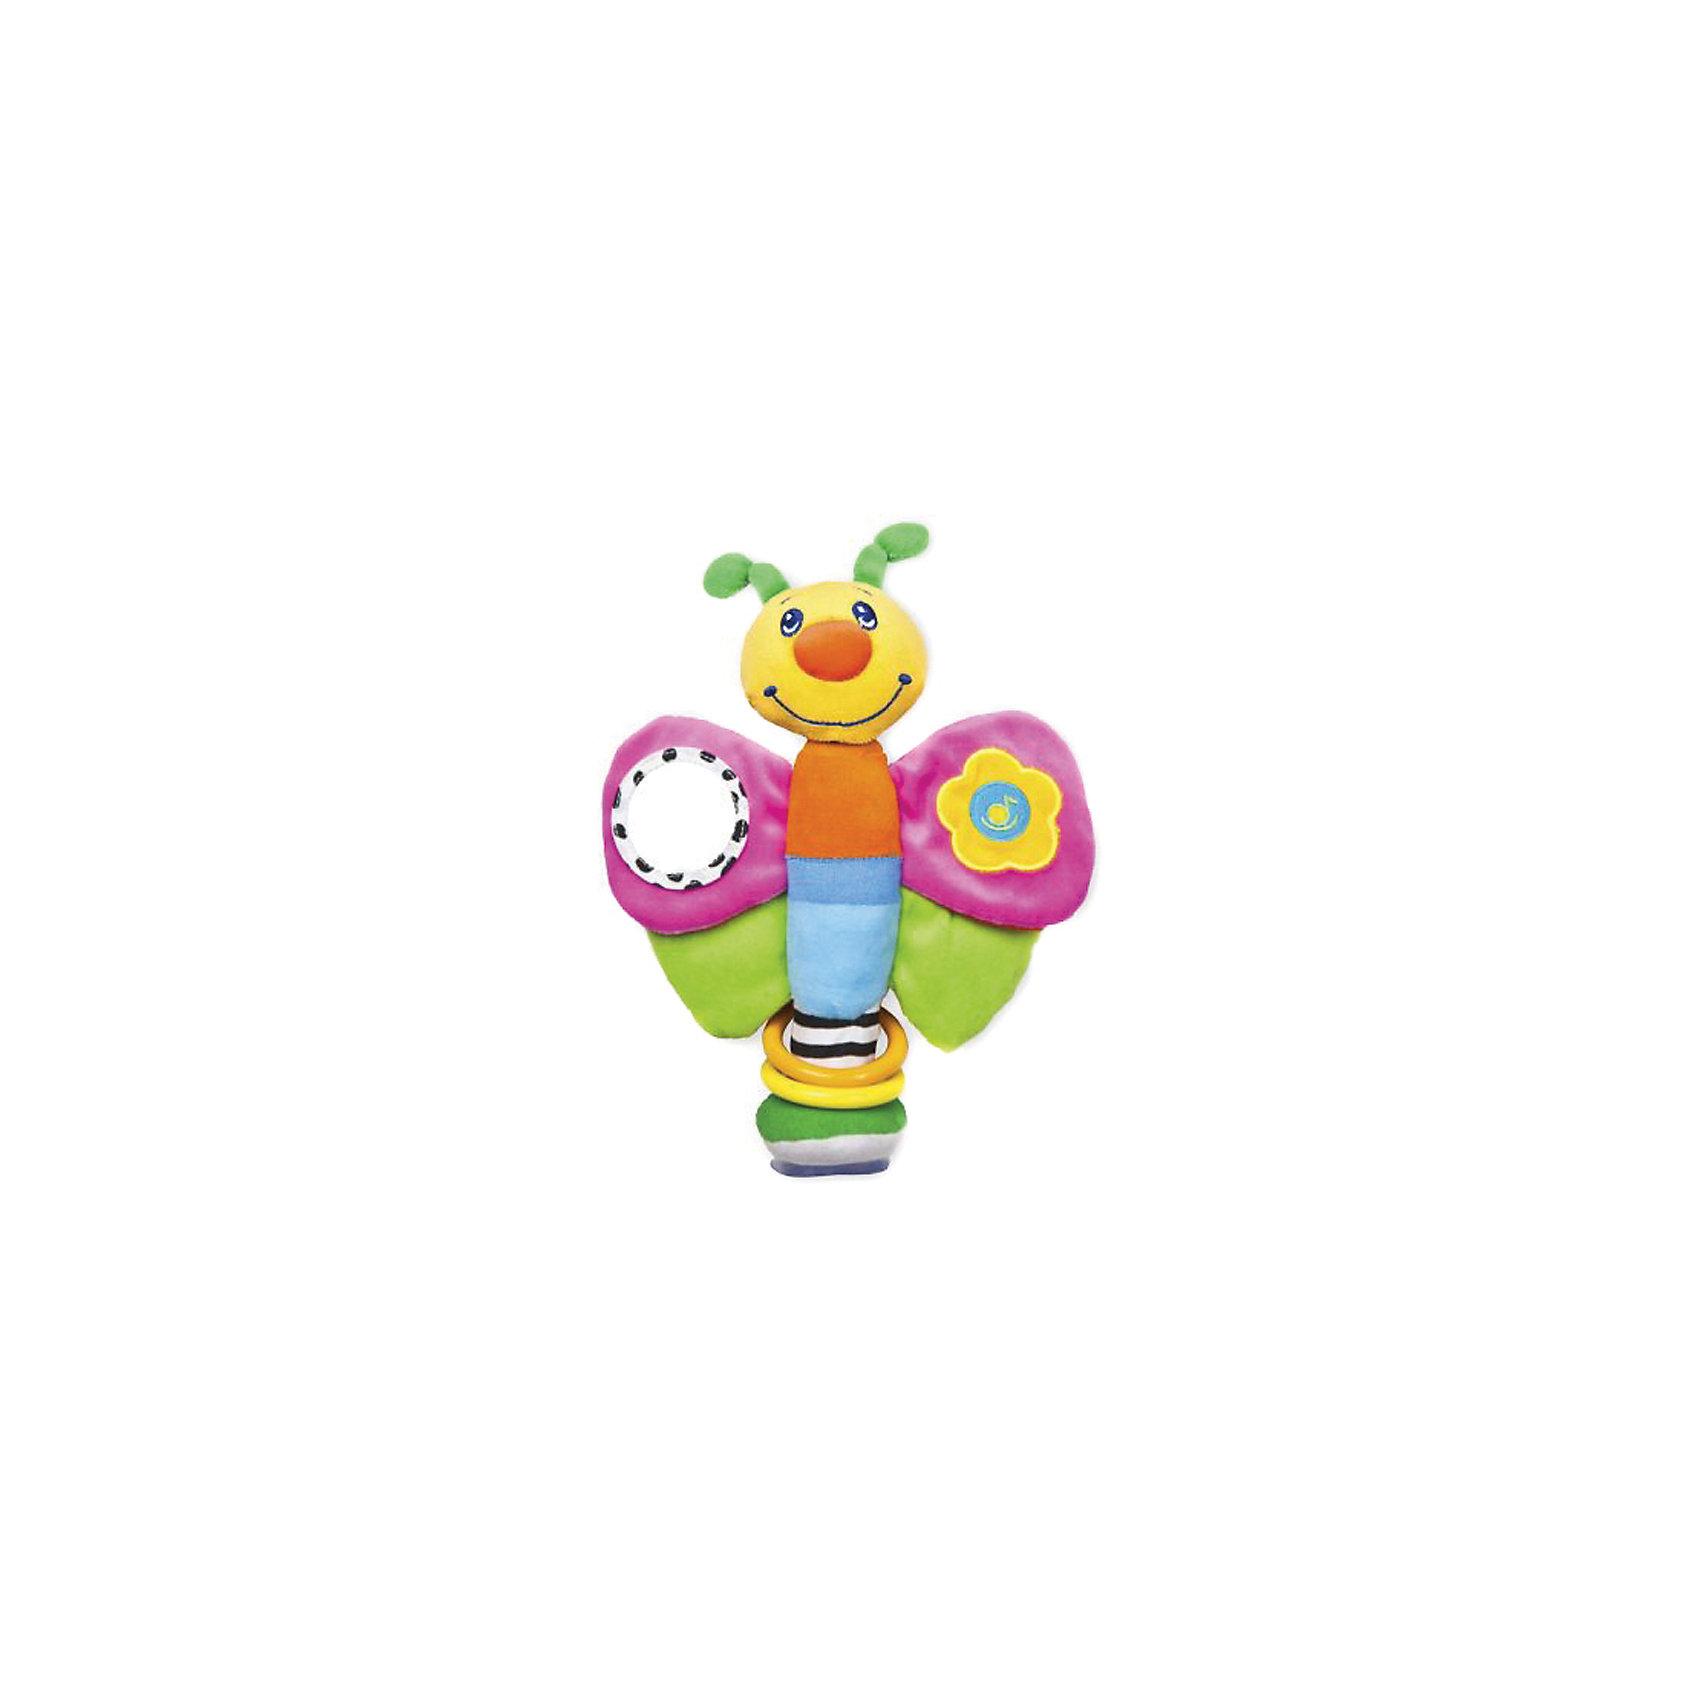 Развивающая игрушка Мотылек на присоске, ЖирафикиРазвивающие игрушки<br>Бабочка – новая универсальная игрушка для развития. В ней сочетается погремушка, зеркальце, и музыкальная вставка. Есть возможность прикрепить на гладкую поверхность с помощью присоски. Развивающие игрушки должны быть у каждого малыша. Такие игрушки будут не только развивать способности малыша во время веселой игры, но и радовать глаз, потому что современные развивающие модели красивые и обладают стильным дизайном. Материалы, использованные при изготовлении товара, абсолютно безопасны и отвечают всем международным требованиям по качеству.<br><br>Дополнительные характеристики:<br><br>материал: текстиль, пластик;<br>цвет: разноцветный;<br>габариты: 20 X 6 X 27см.<br><br>Развивающую игрушку Мотылек на присоске от компании Жирафики можно приобрести в нашем магазине.<br><br>Ширина мм: 620<br>Глубина мм: 575<br>Высота мм: 445<br>Вес г: 115<br>Возраст от месяцев: 3<br>Возраст до месяцев: 36<br>Пол: Унисекс<br>Возраст: Детский<br>SKU: 5032562